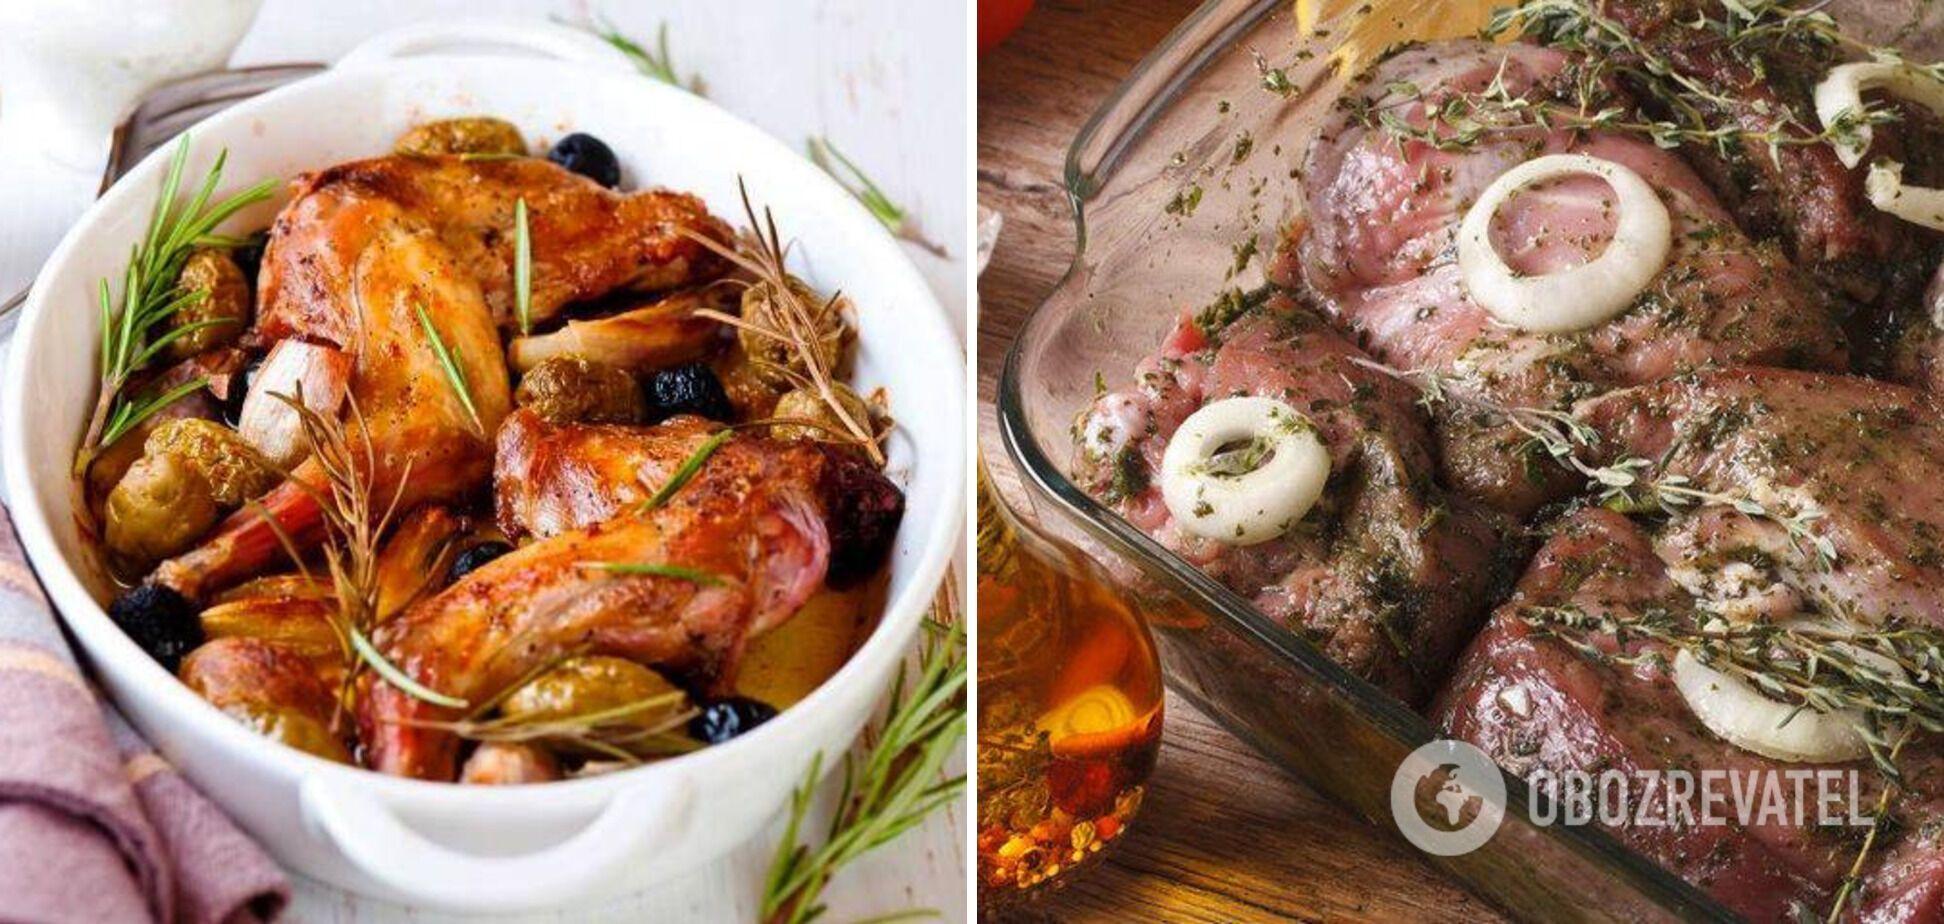 Универсальные маринады для мяса: 5 вариантов на любой вкус